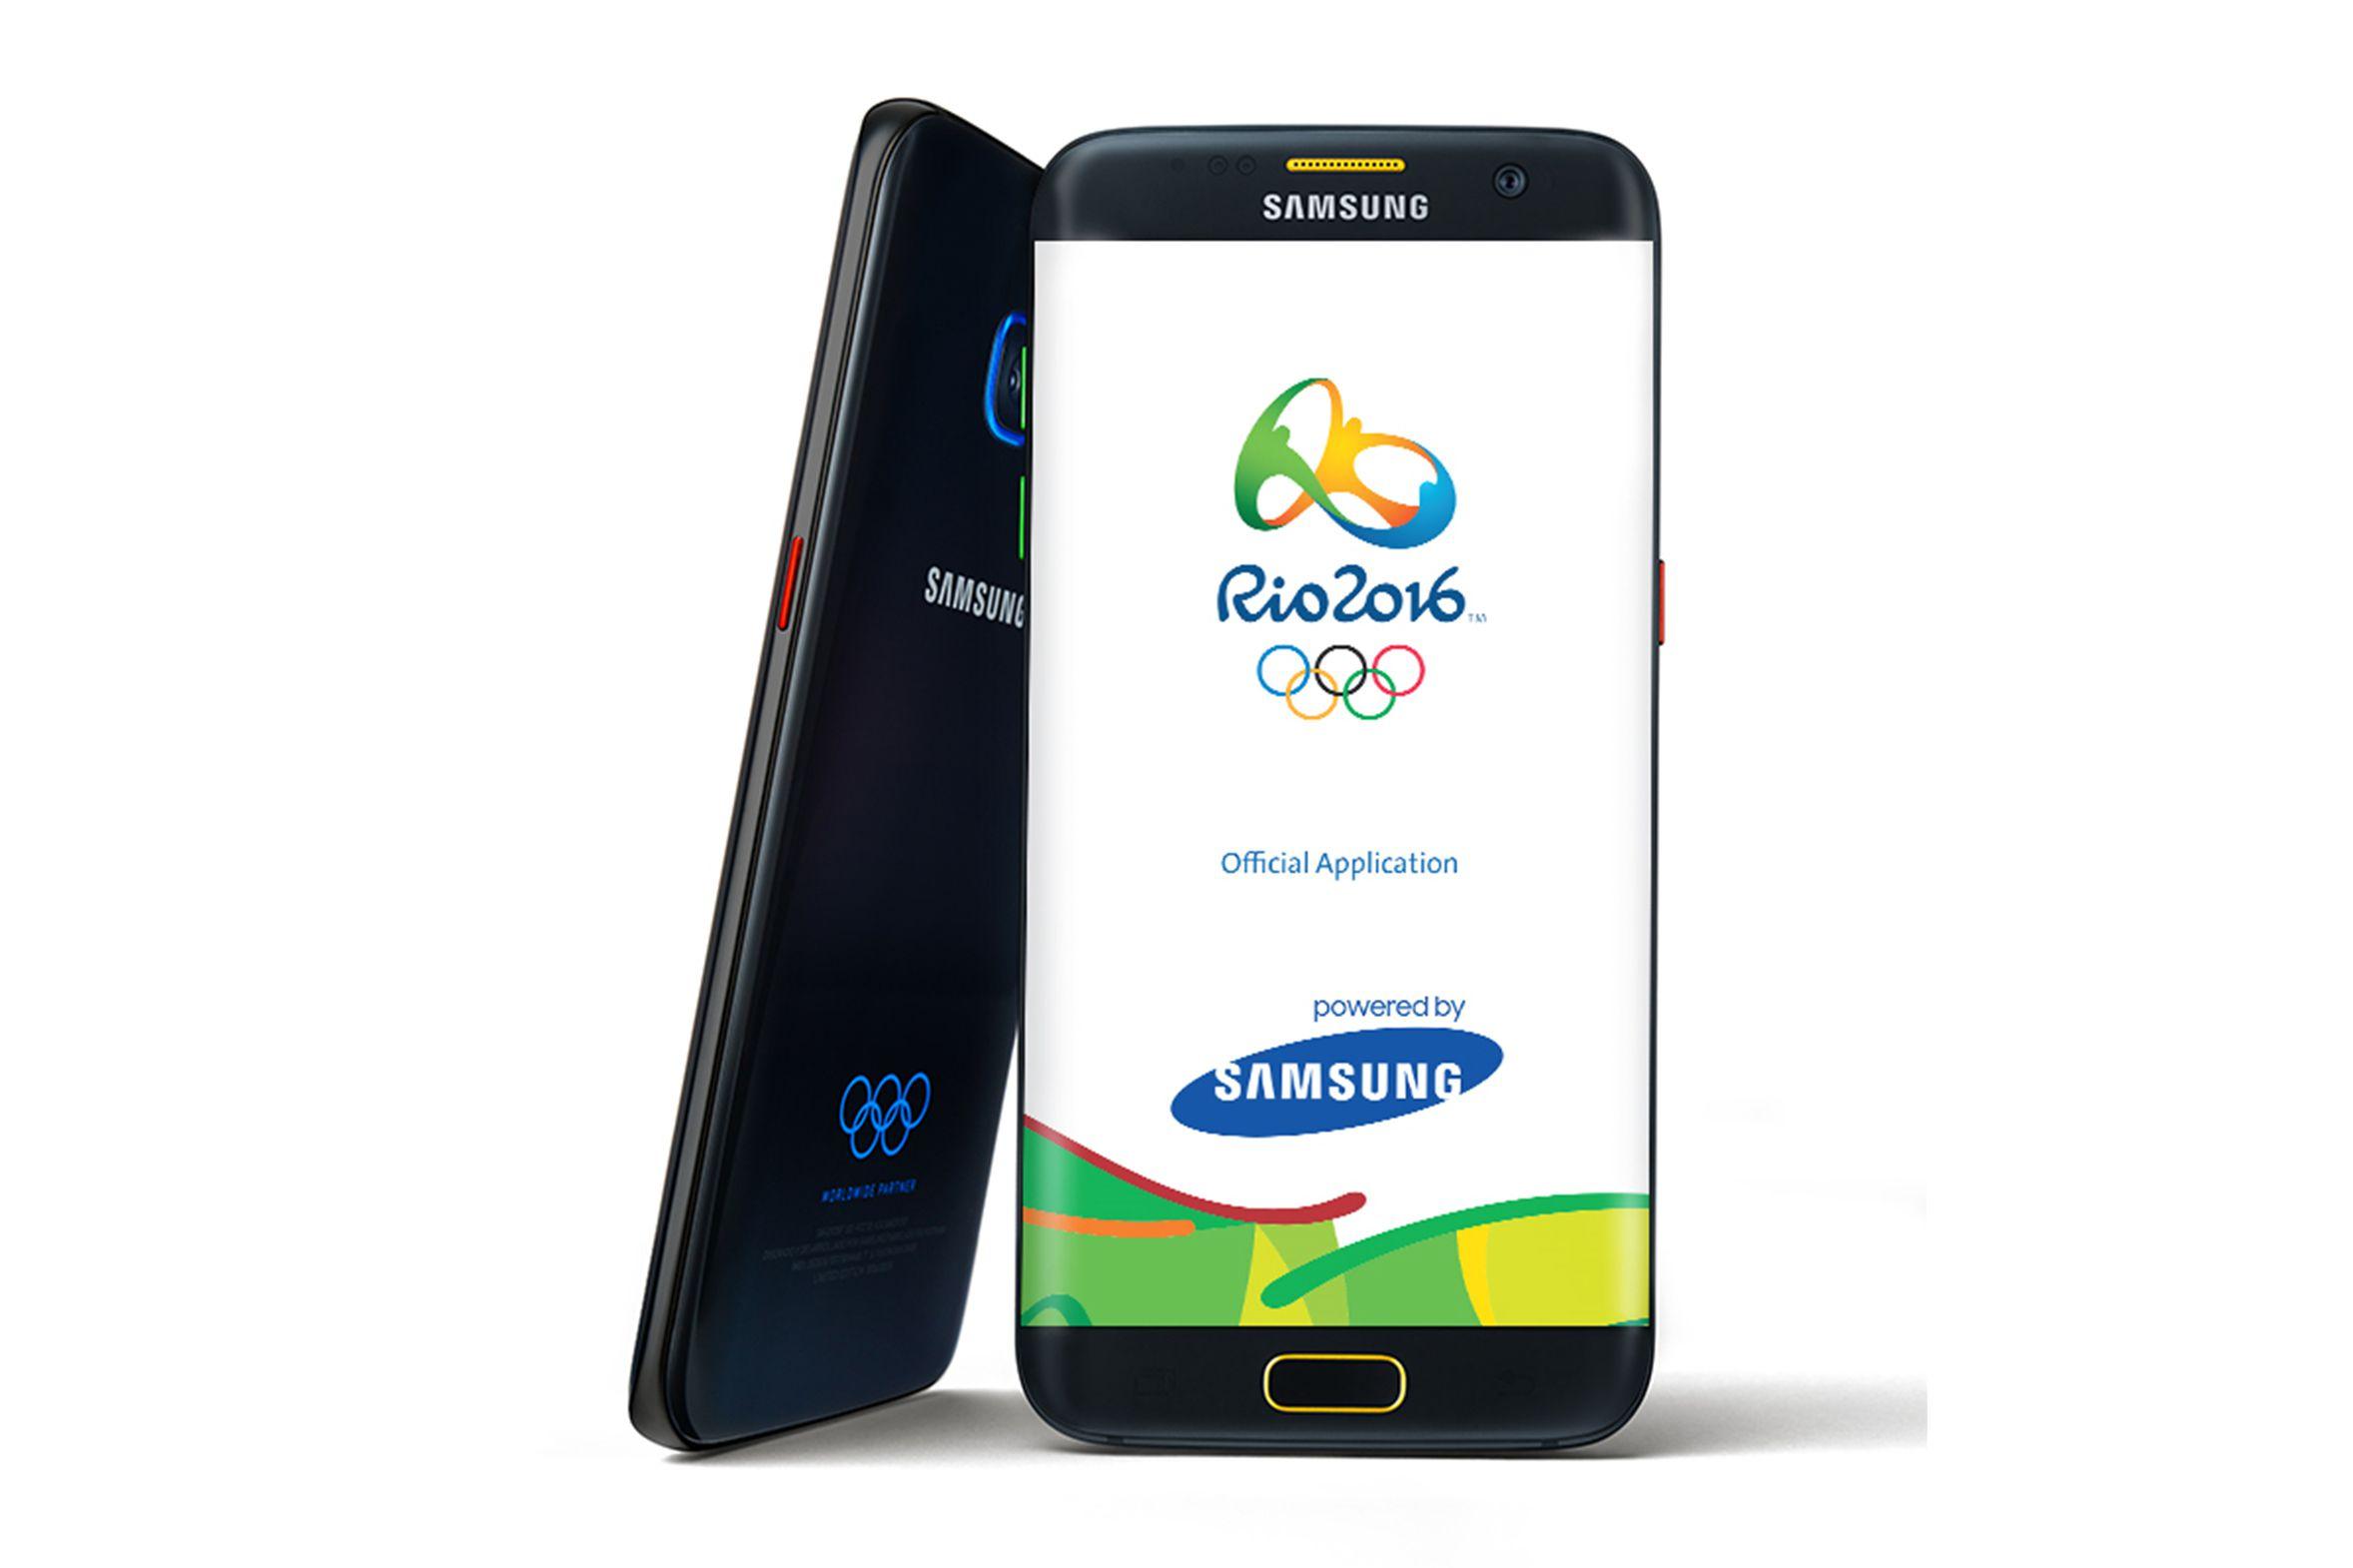 ស្មាតហ្វូន Galaxy S7 edge Olympic Games Limited Edition នឹងមានលក់នៅថ្ងៃទី18 ហើយ